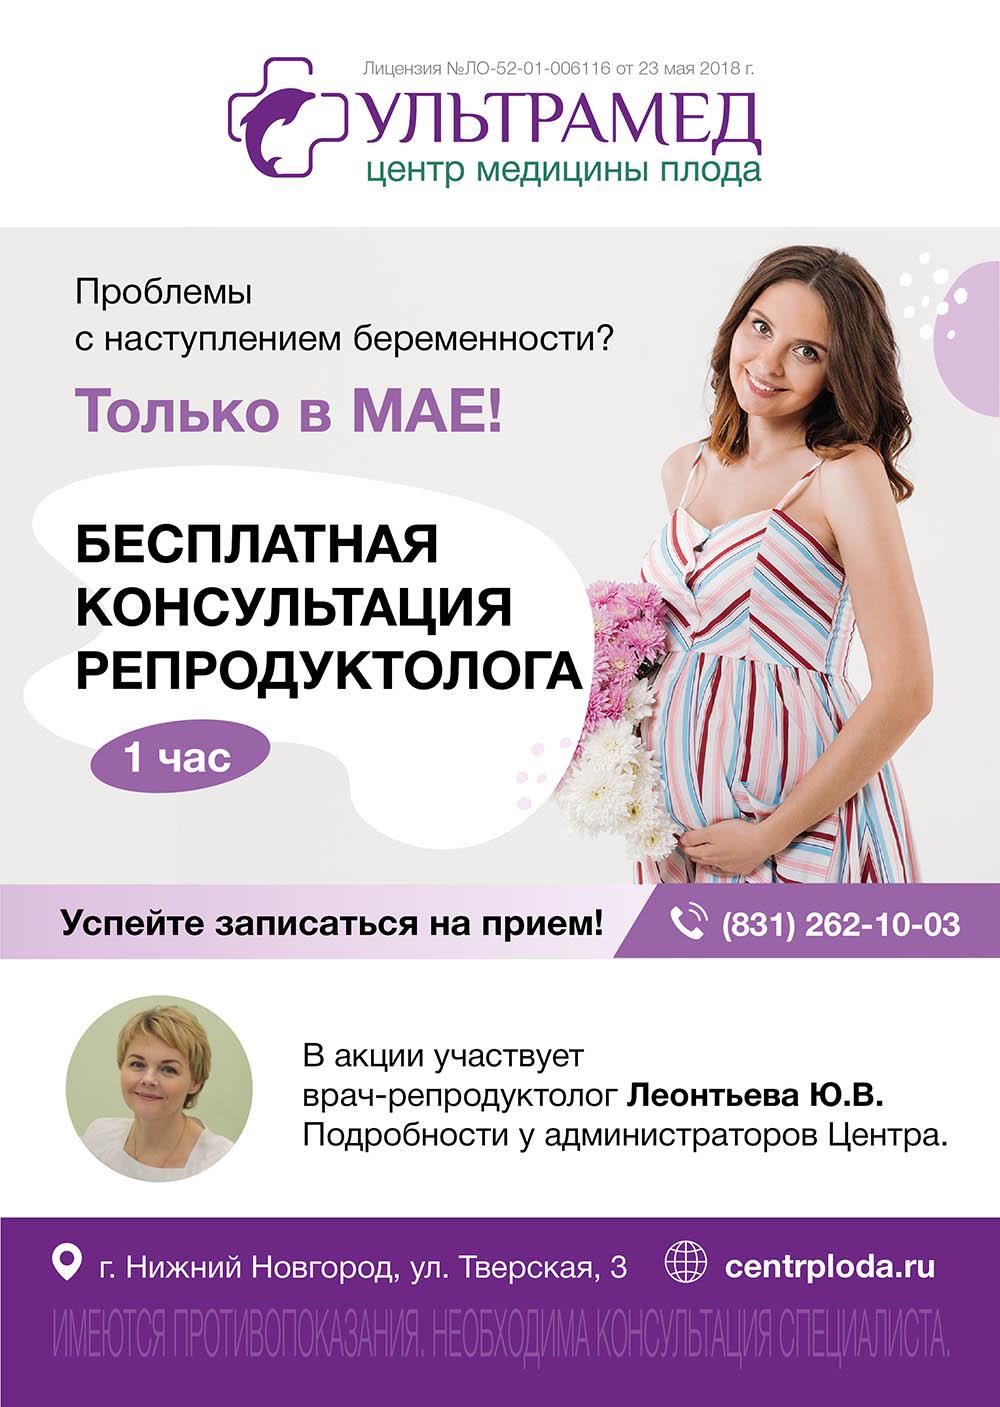 Бесплатная консультация репродуктолога